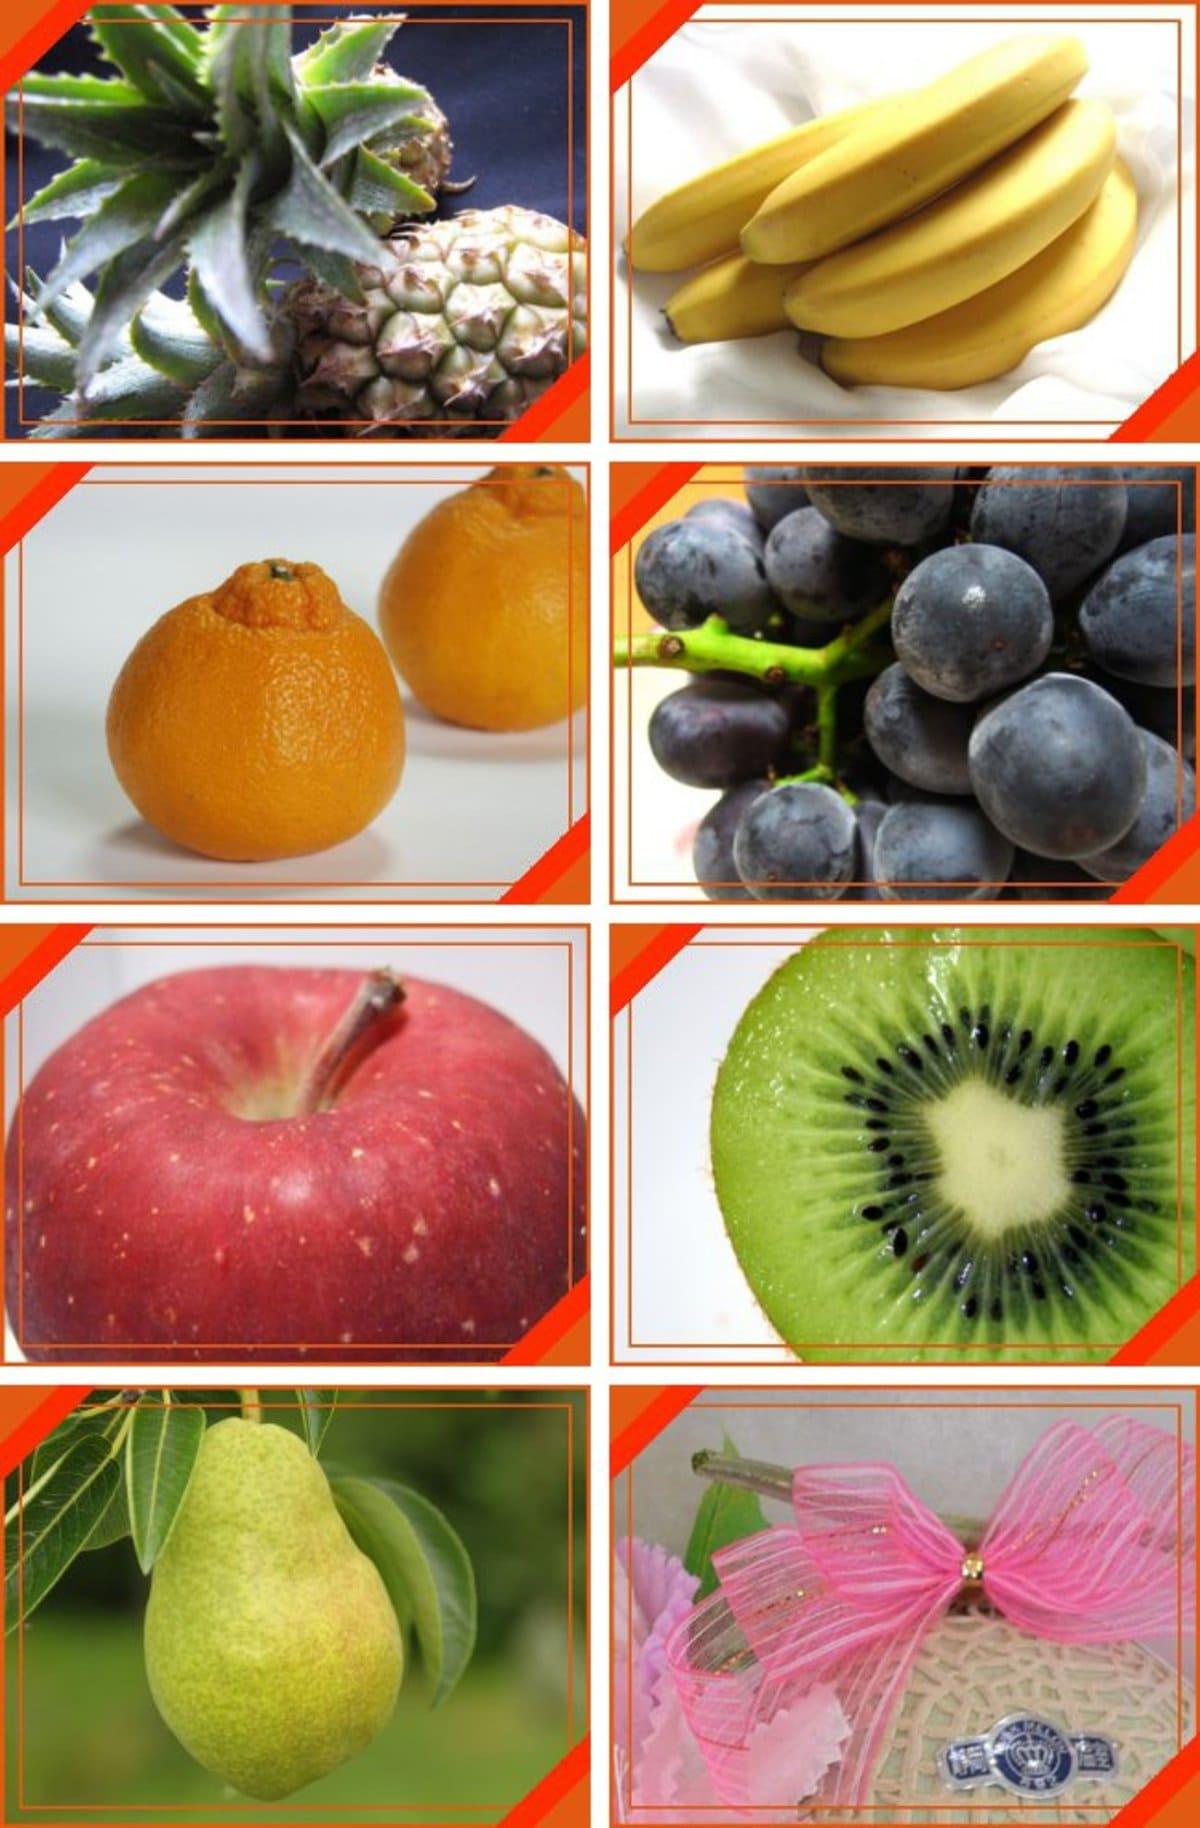 フルーツ専門店のフルーツ盛合せ